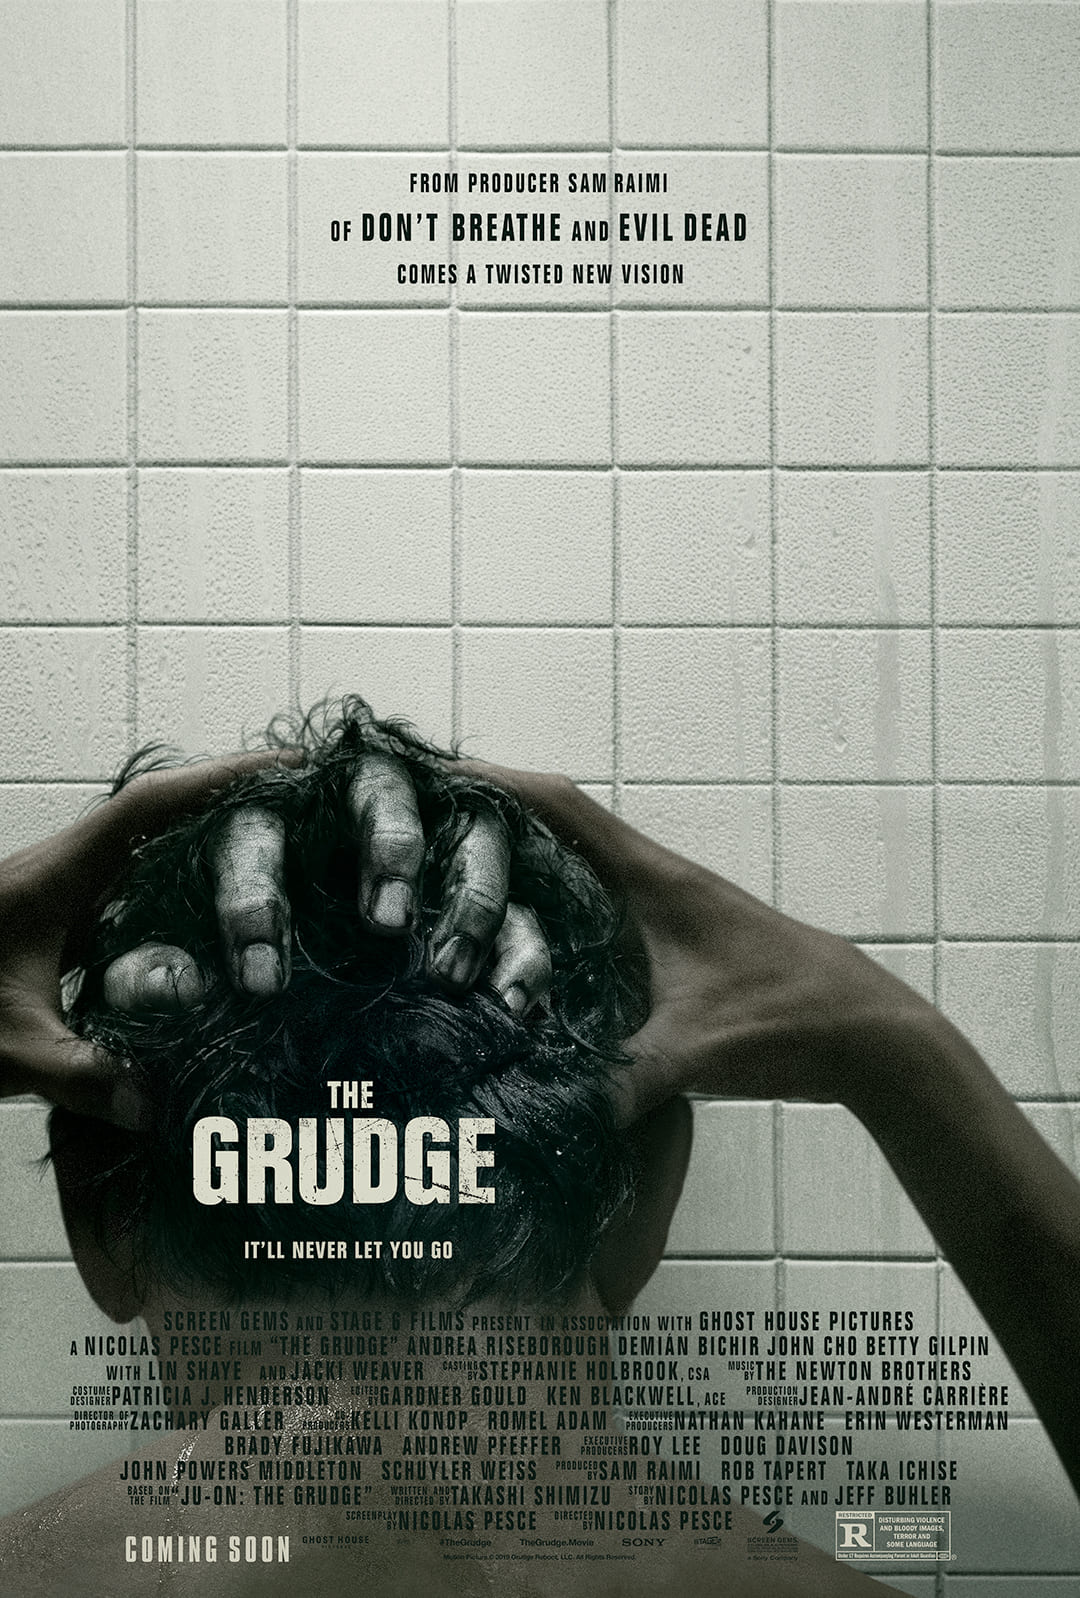 【怨咒】The Grudge--->咒念不散